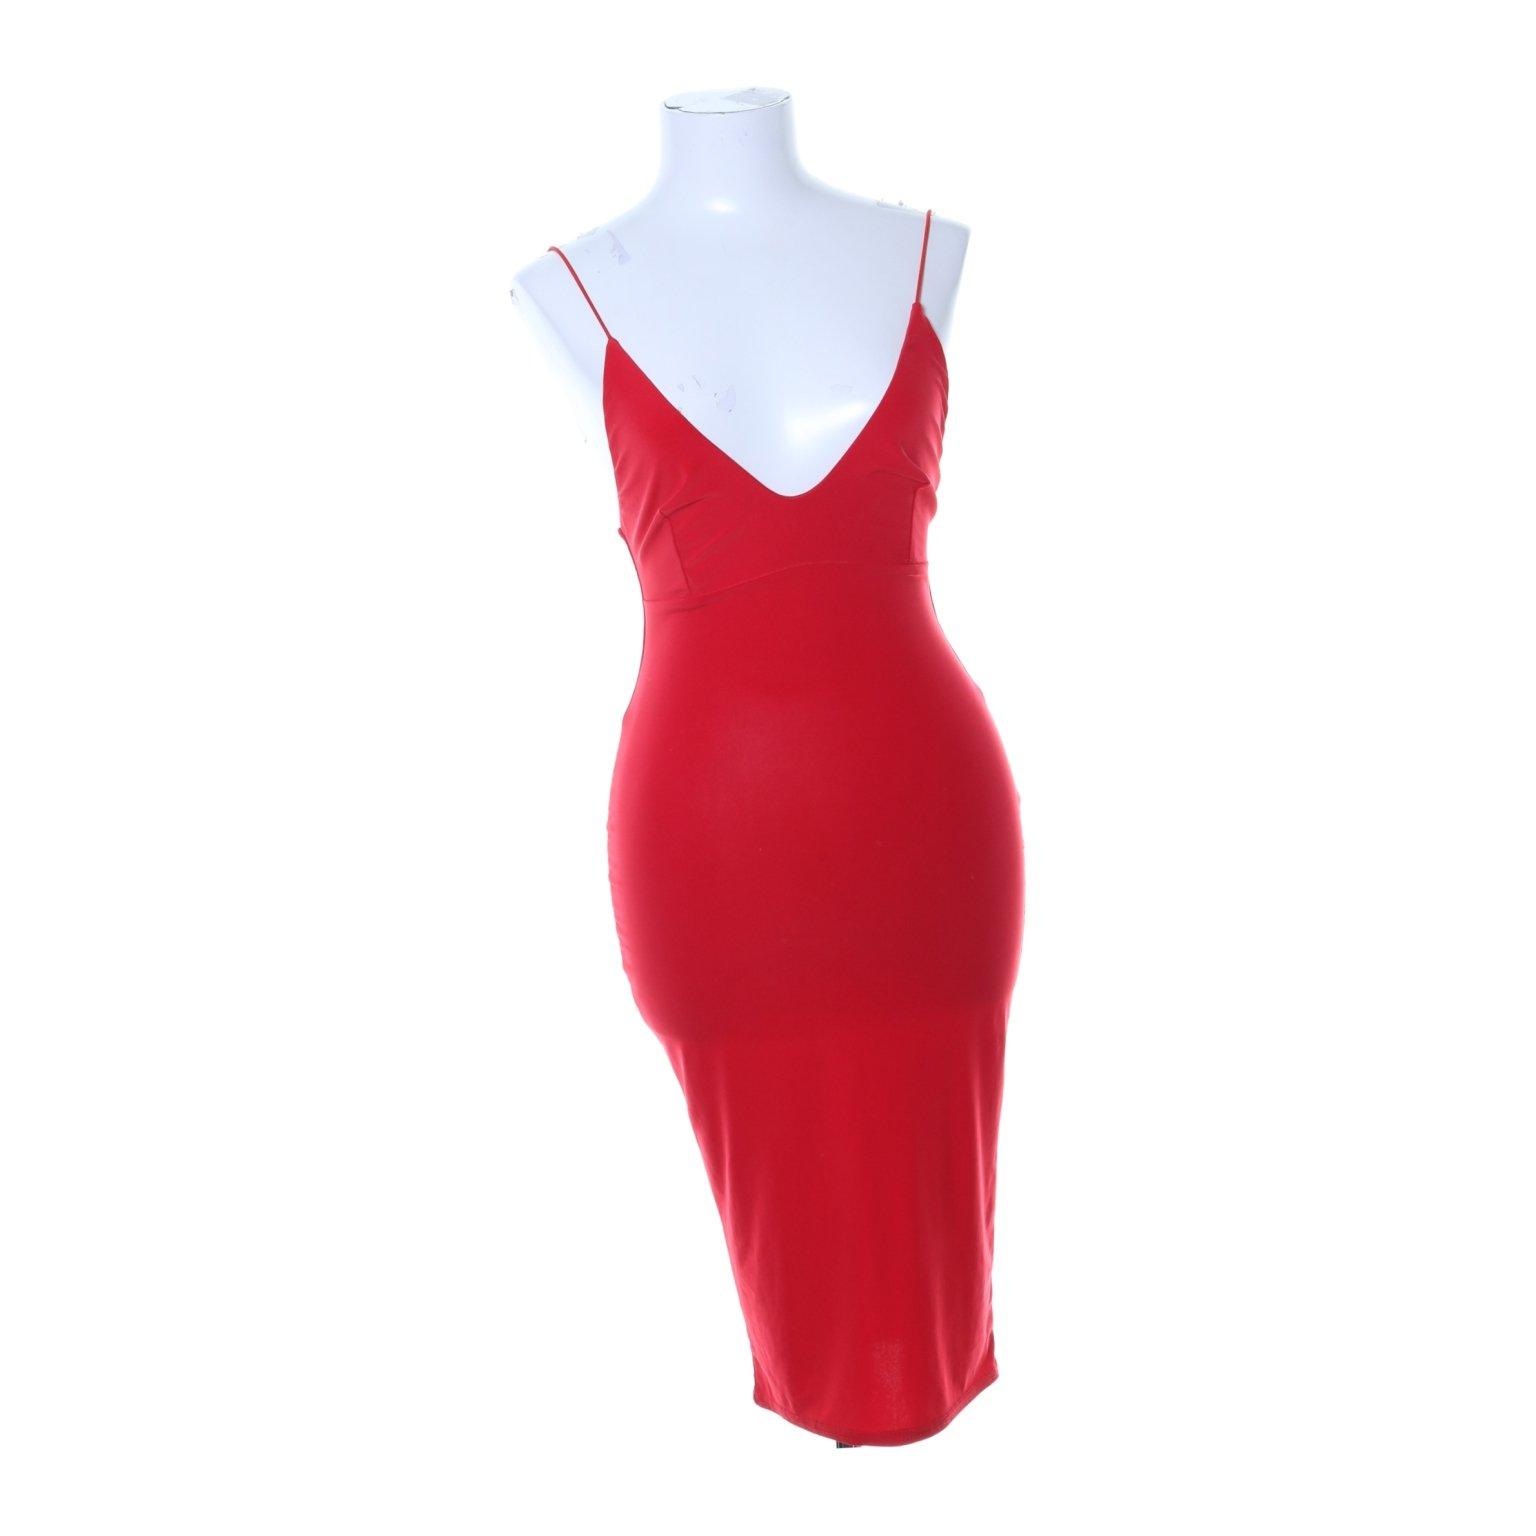 rebecca stella röd klänning